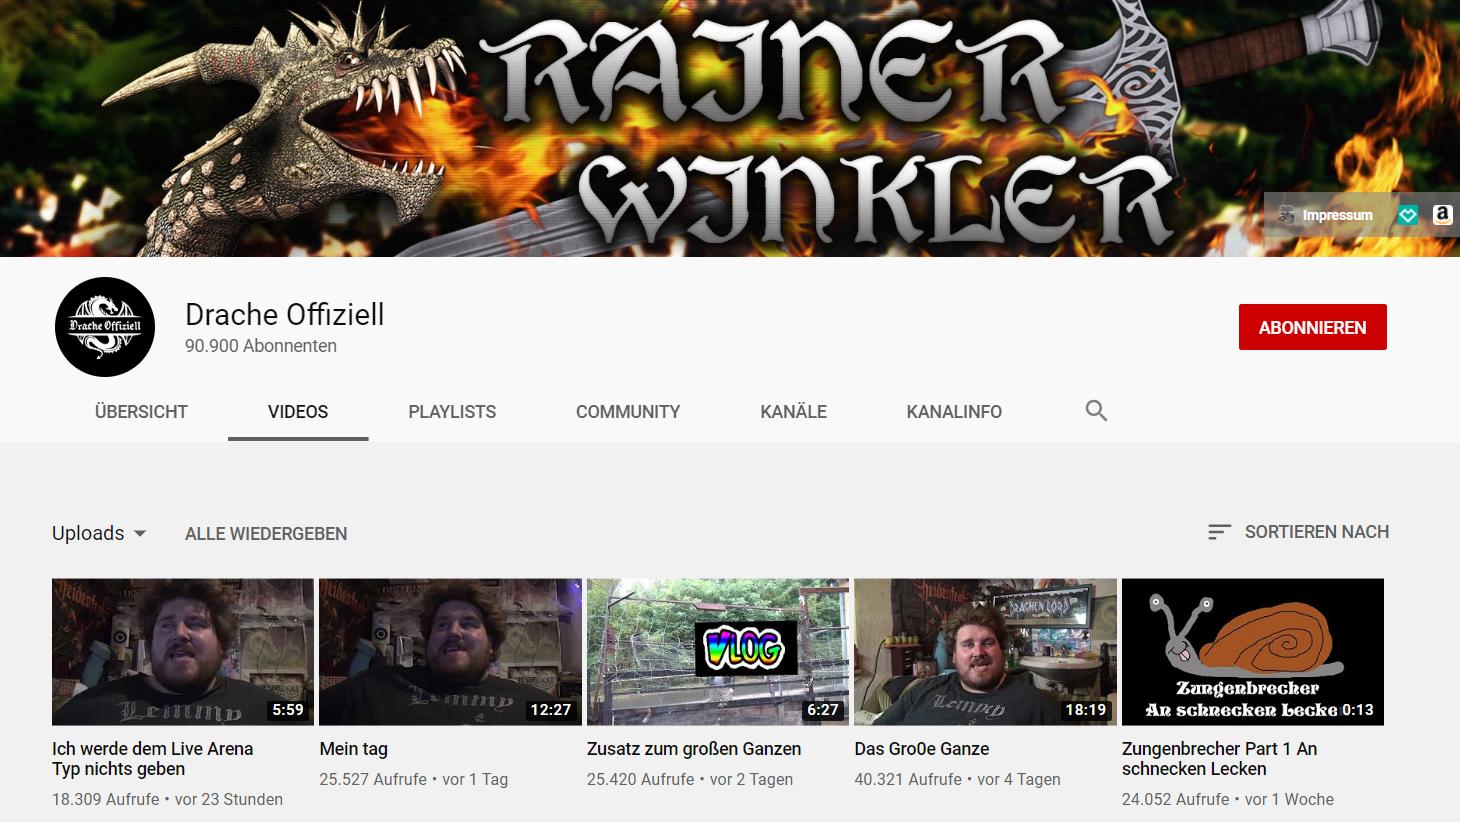 Der Youtube-Kanal von Rainer Winkler alias Drachenlord.